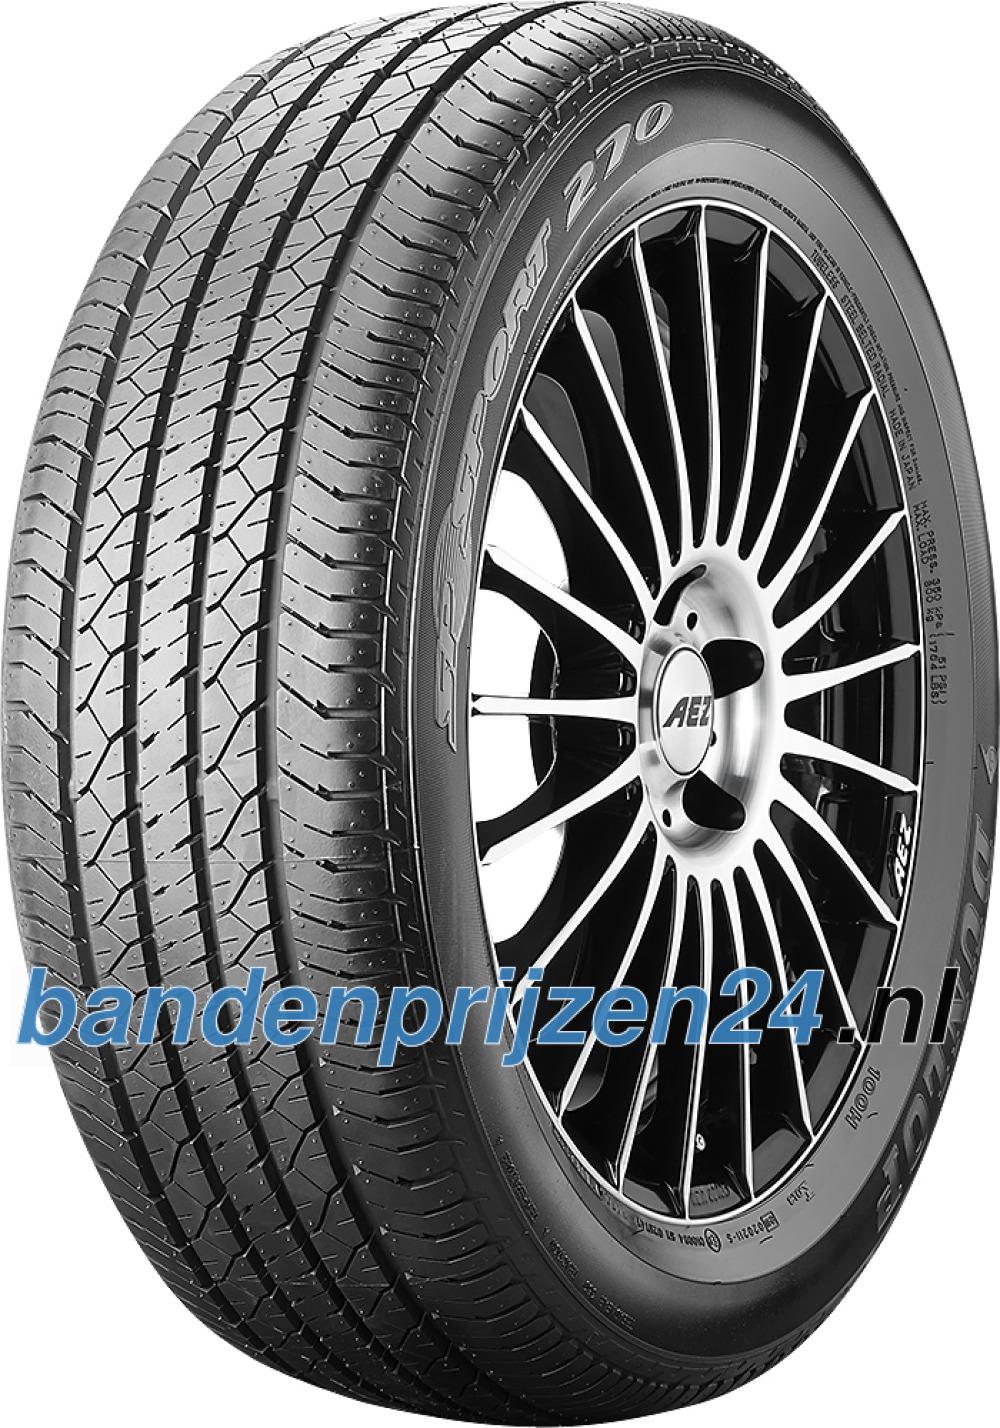 Dunlop SP Sport 270 ( 235/55 R18 100H rechts )